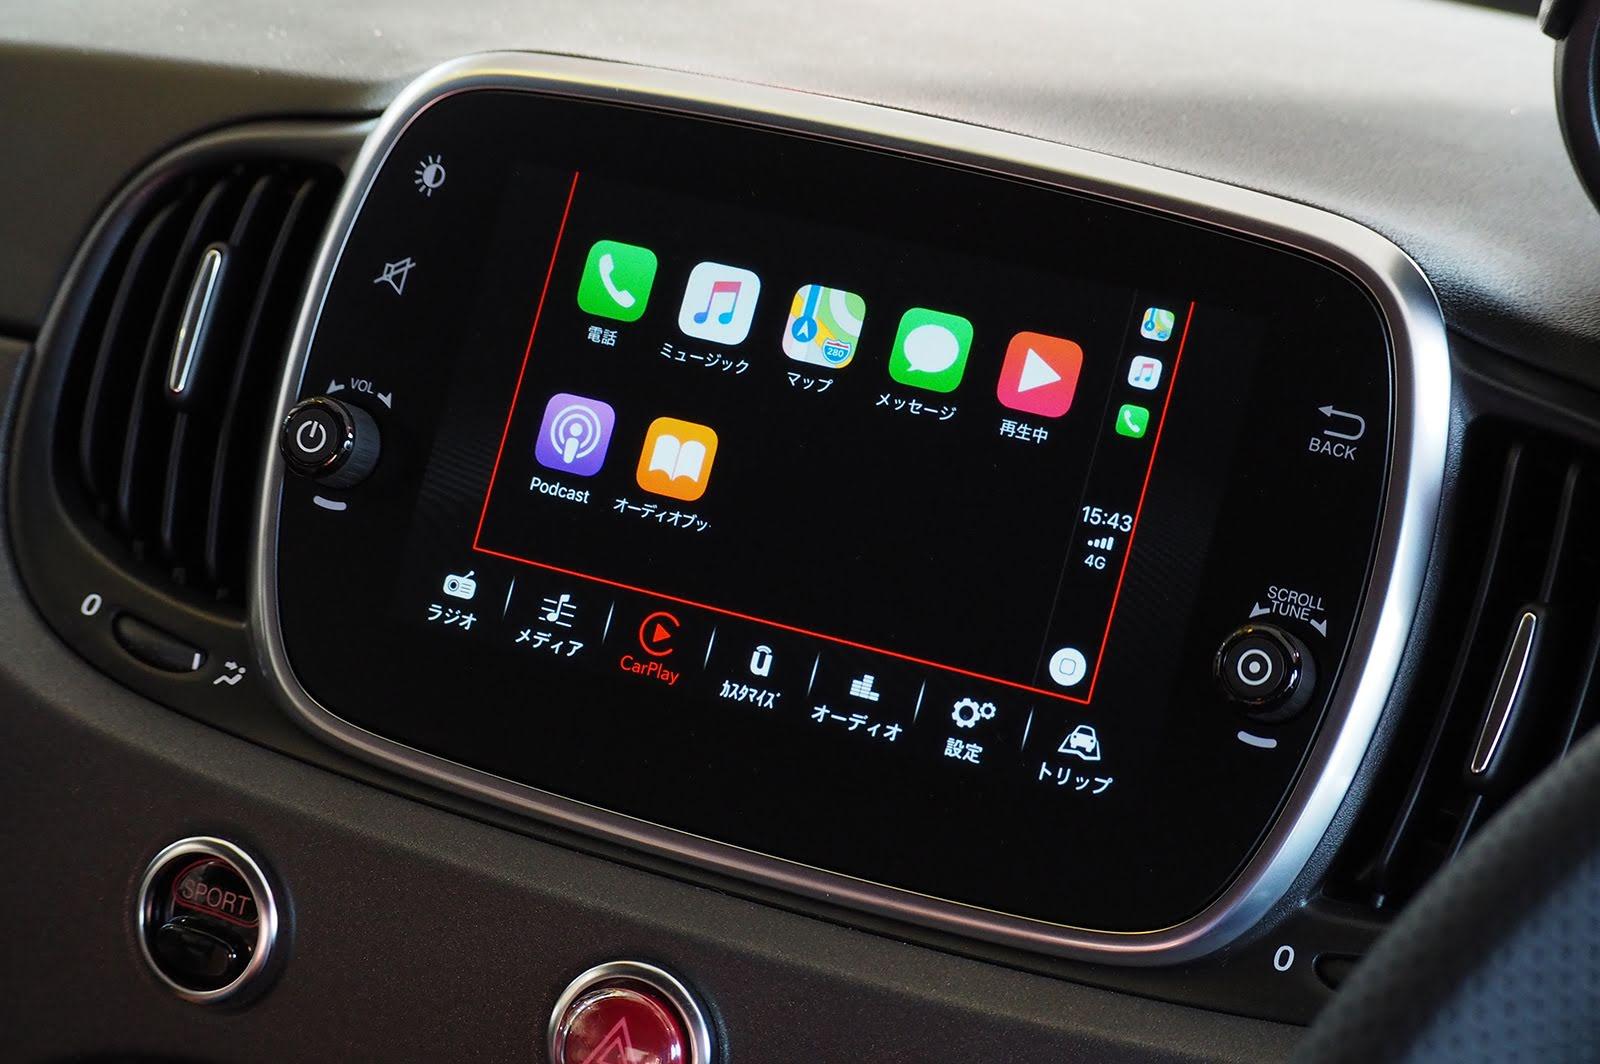 Apple CarPlayとAndroid Autoに対応したアバルト595のインフォテインメントシステム「Uconnect®」を試してみた